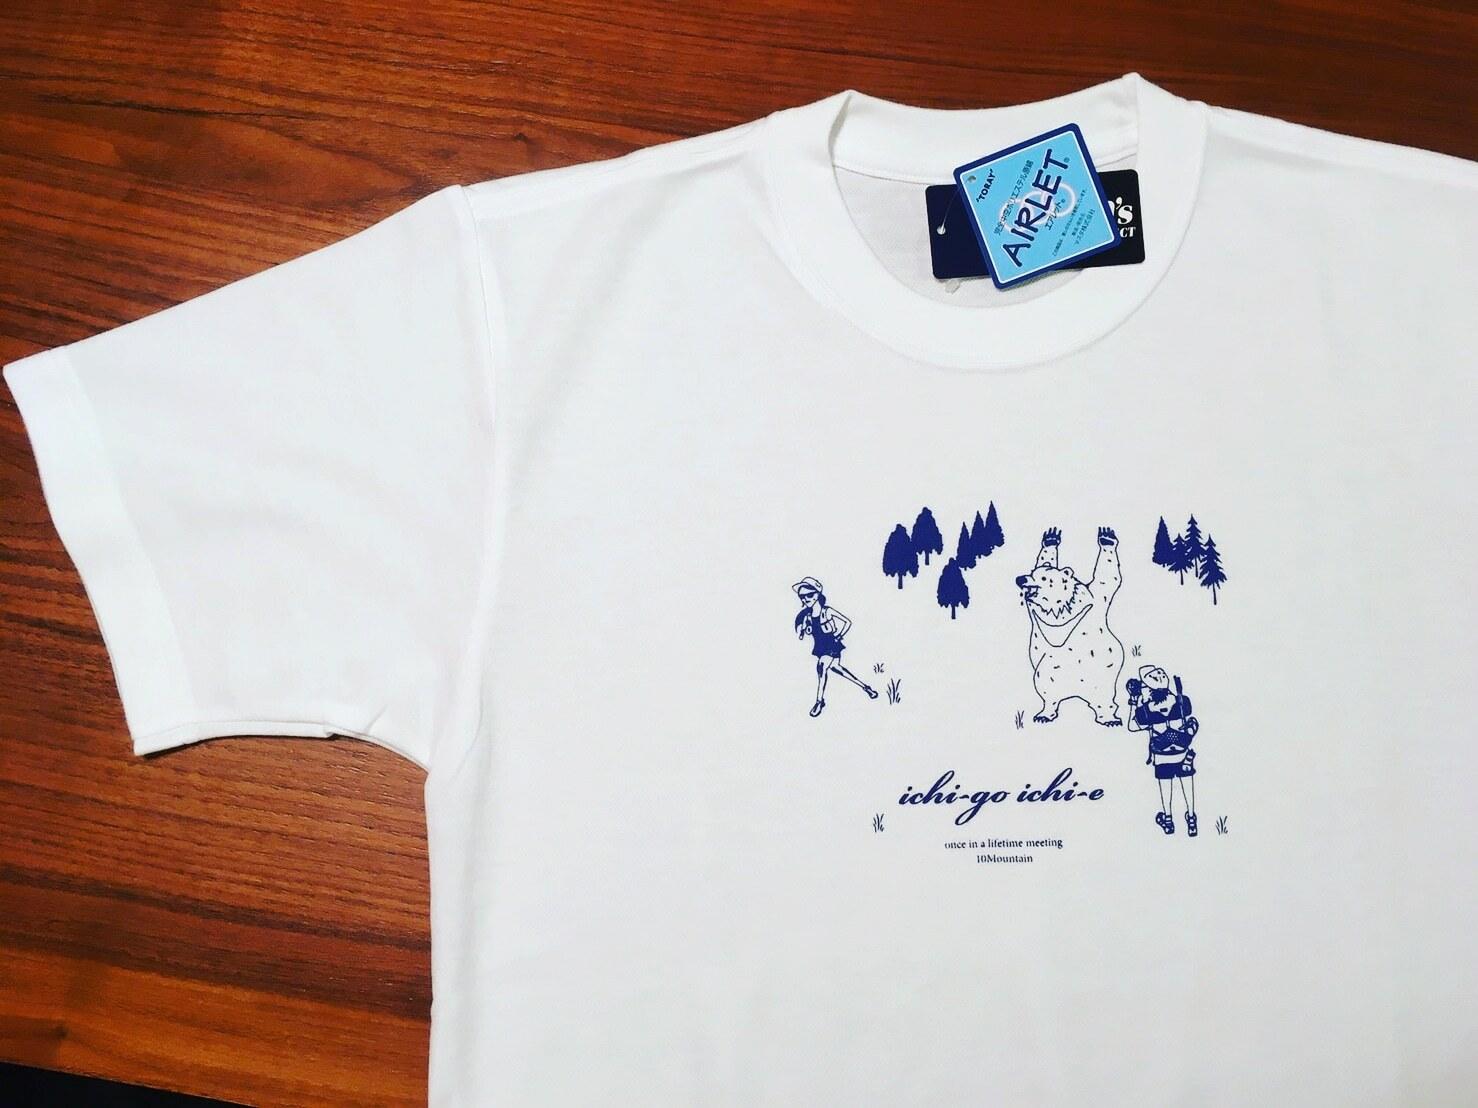 ichi-go ichi-e white T shirts